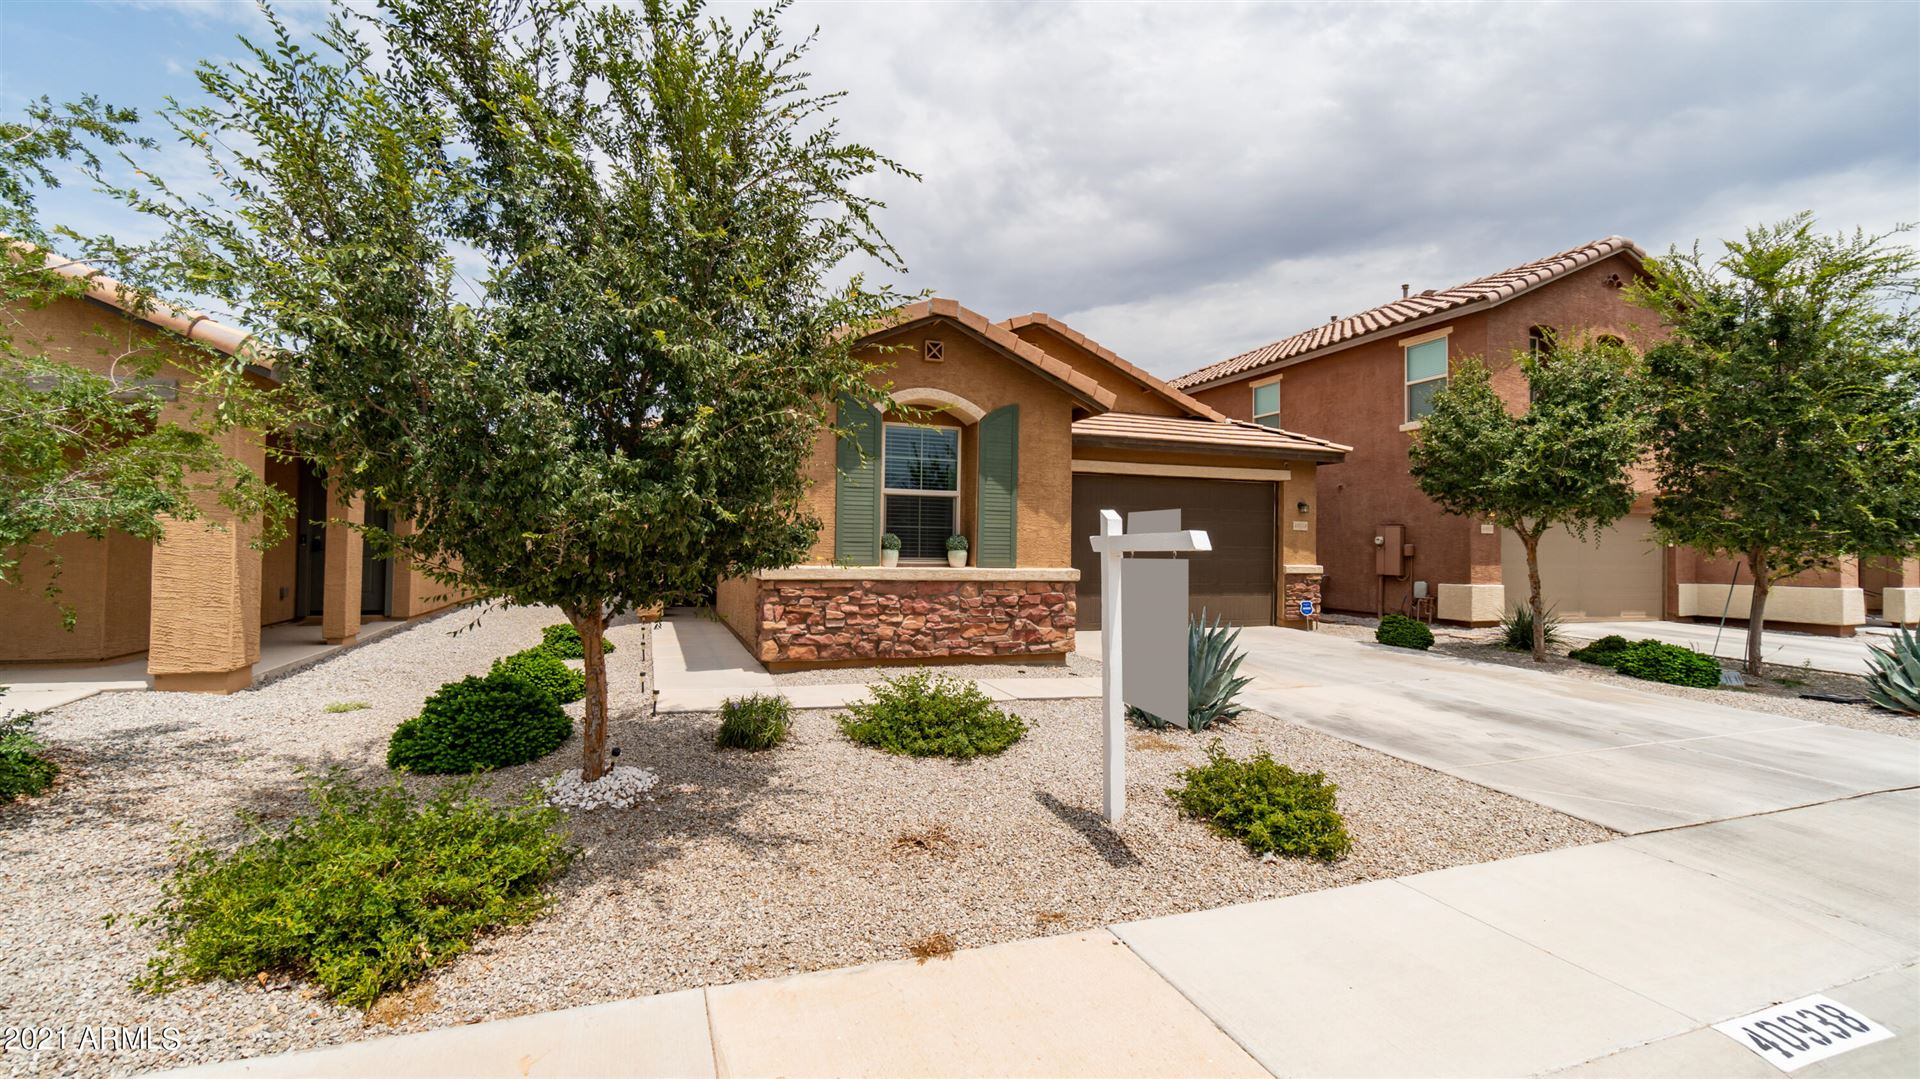 40938 W MARY LOU Drive, Maricopa, AZ 85138 - MLS#: 6268476